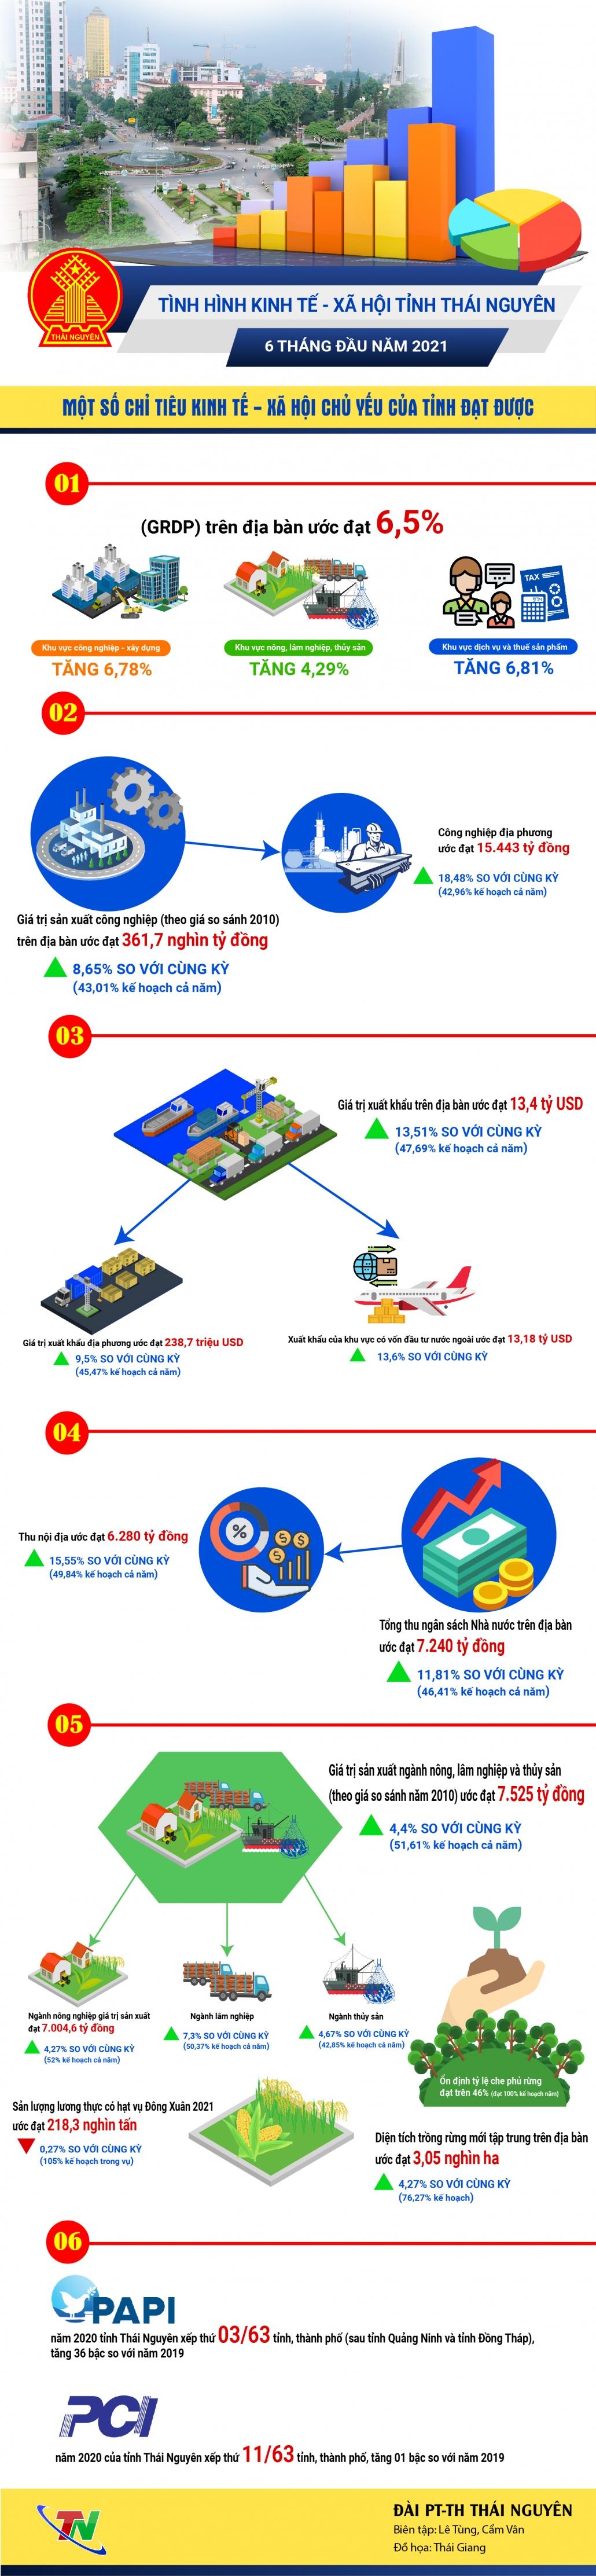 [Infographic] Một số chỉ tiêu kinh tế - xã hội tỉnh Thái Nguyên 6 tháng đầu năm 2021